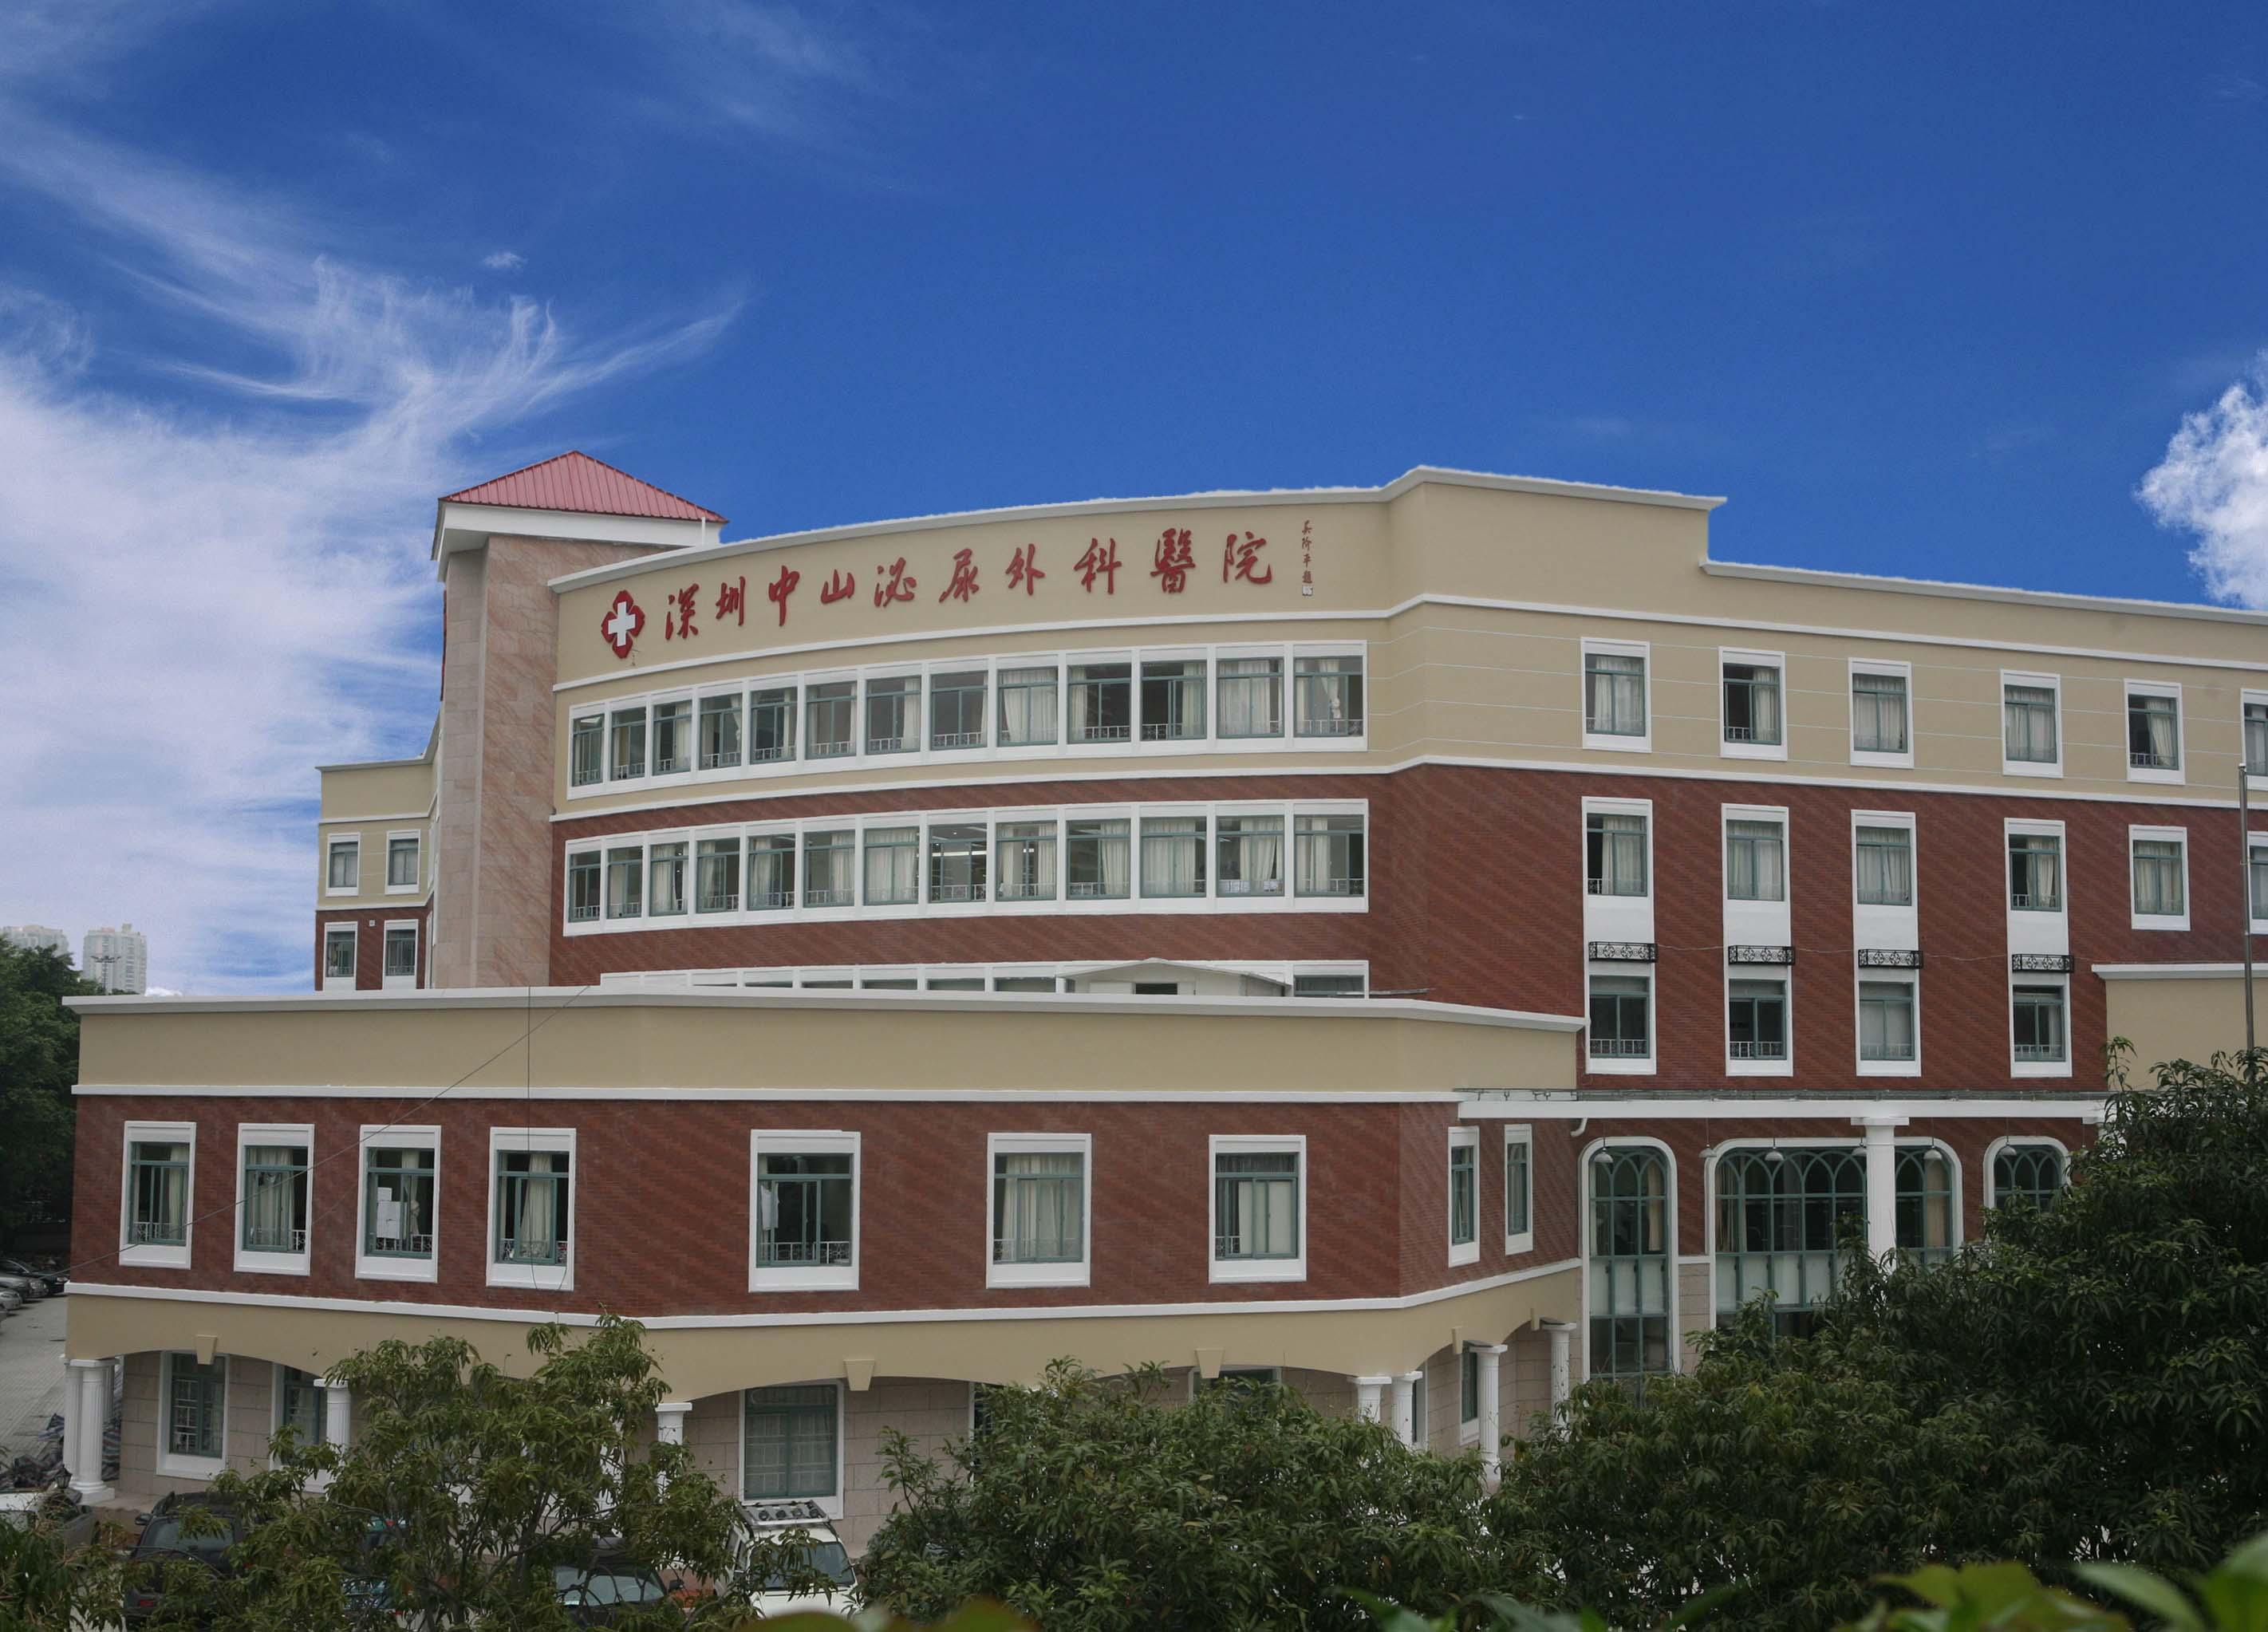 深圳这家医院推出100个免费试管婴儿名额,符合条件的快报名